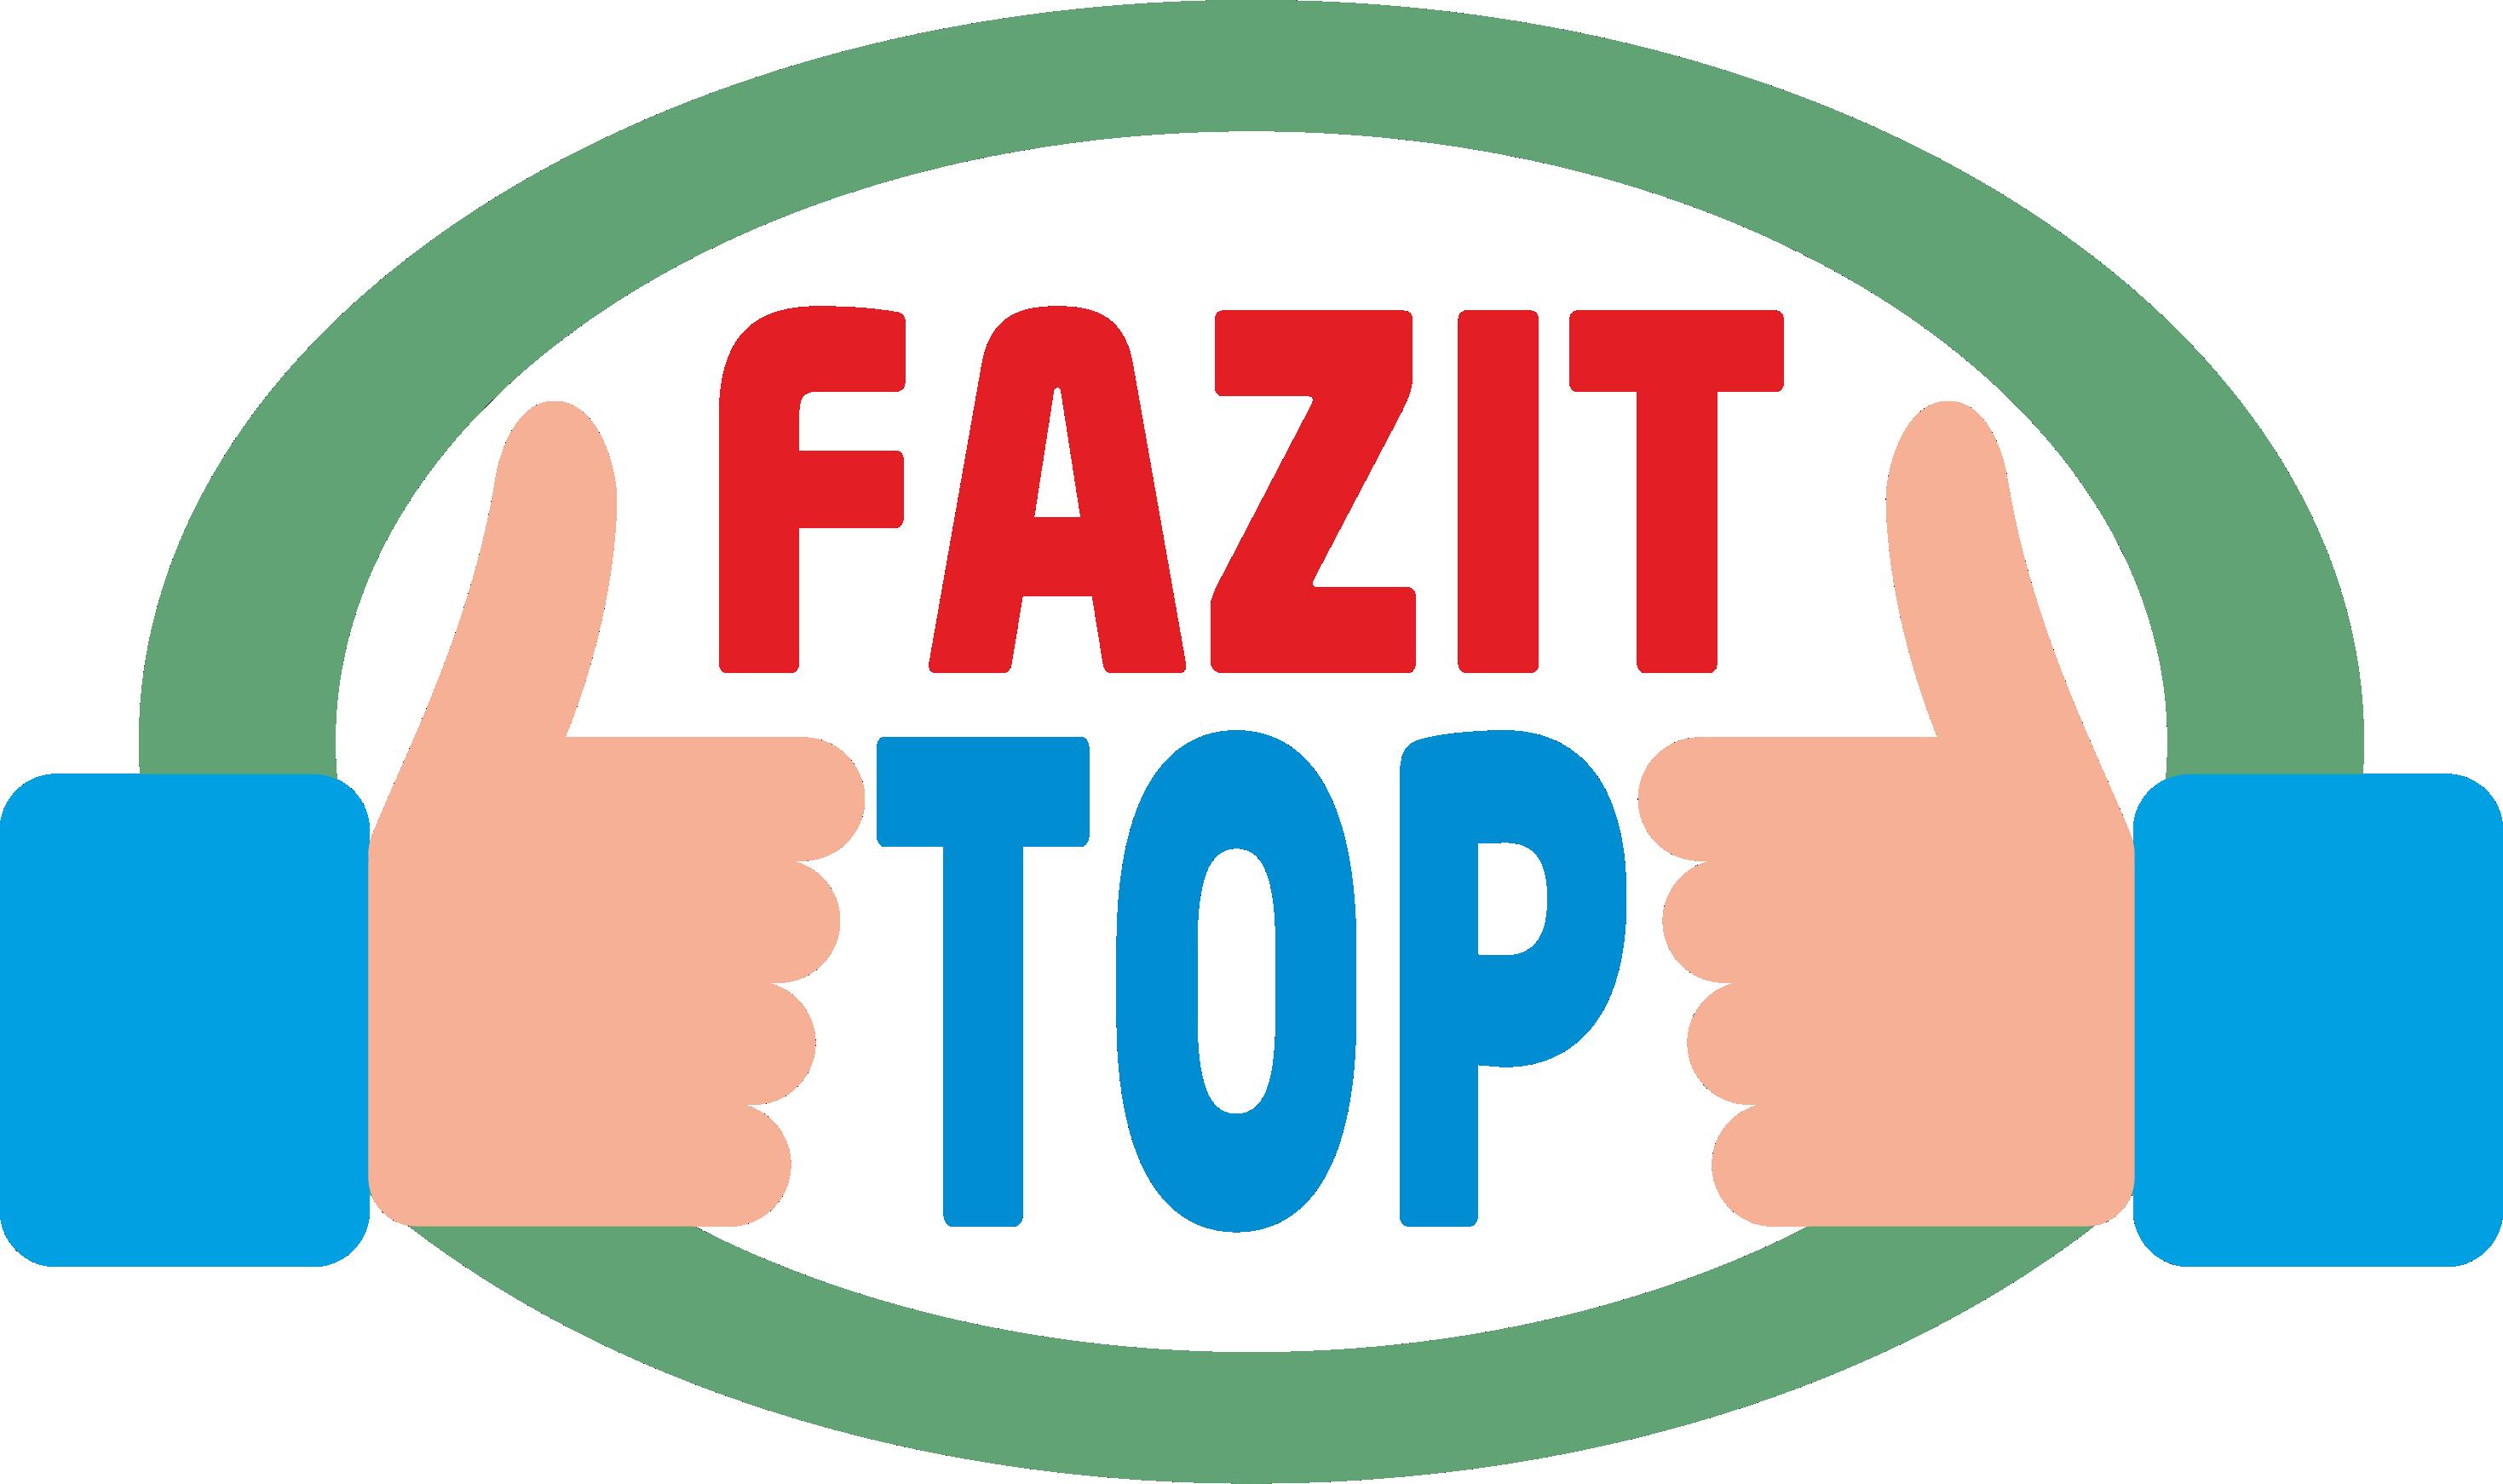 Fazit TOP